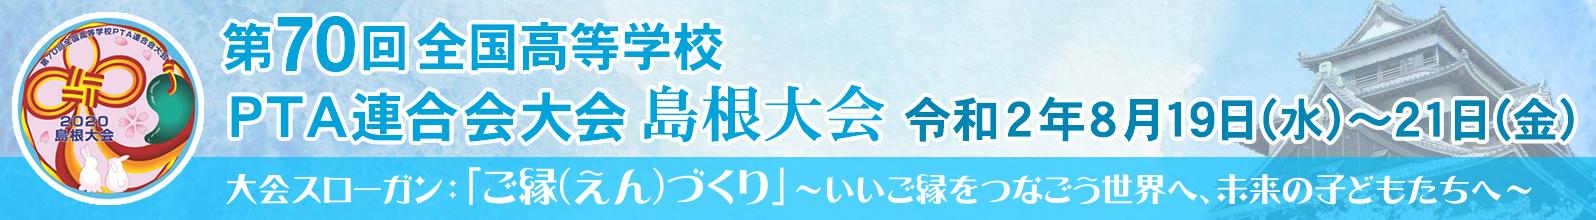 島根県高等学校PTA連合会全国大会